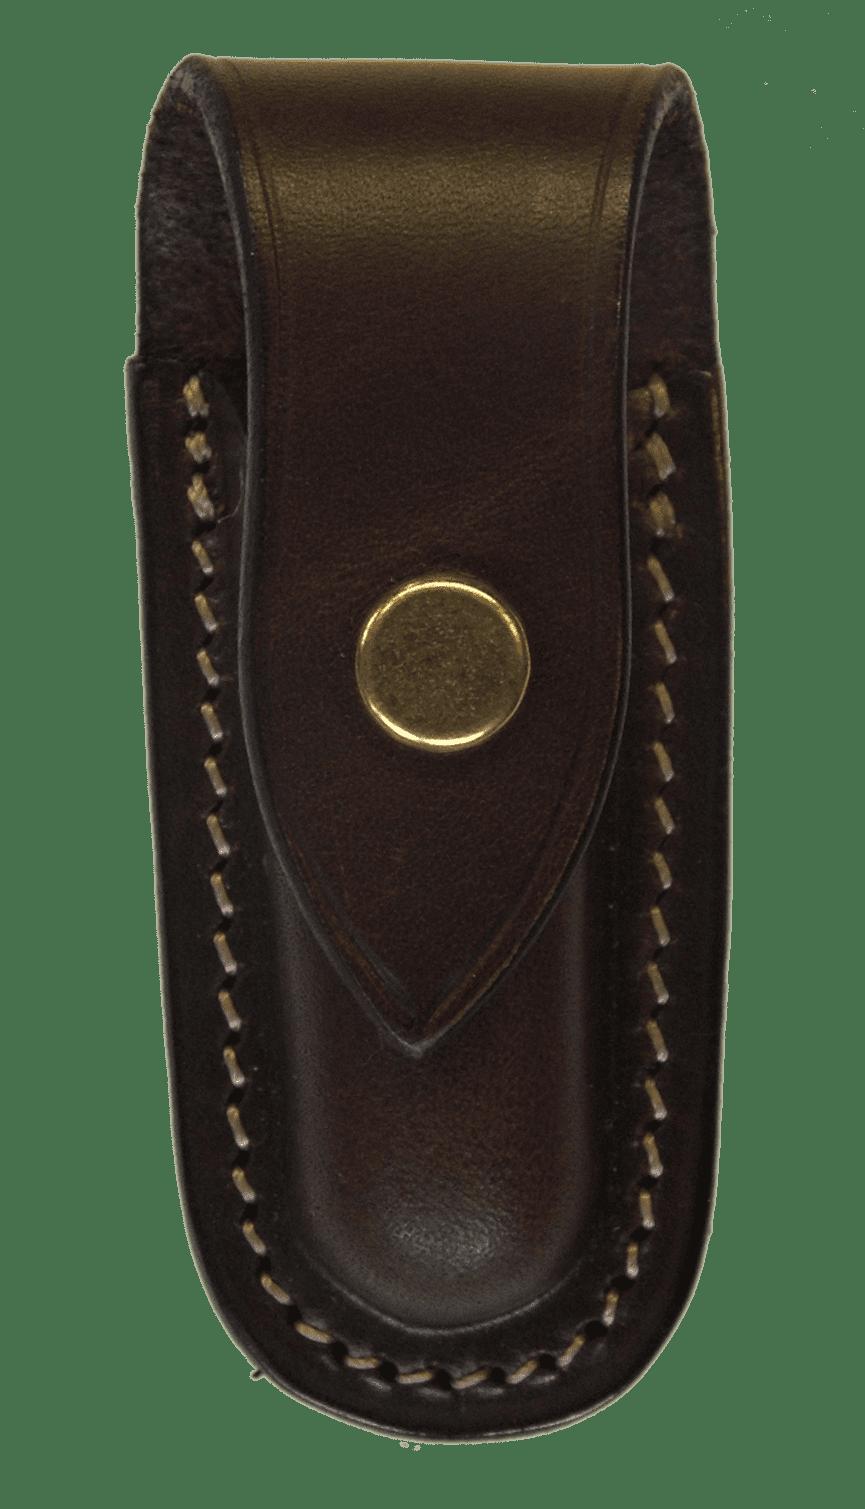 Legends  Pouch , Suit Schrade 34 OT (3702BV) - Leather M